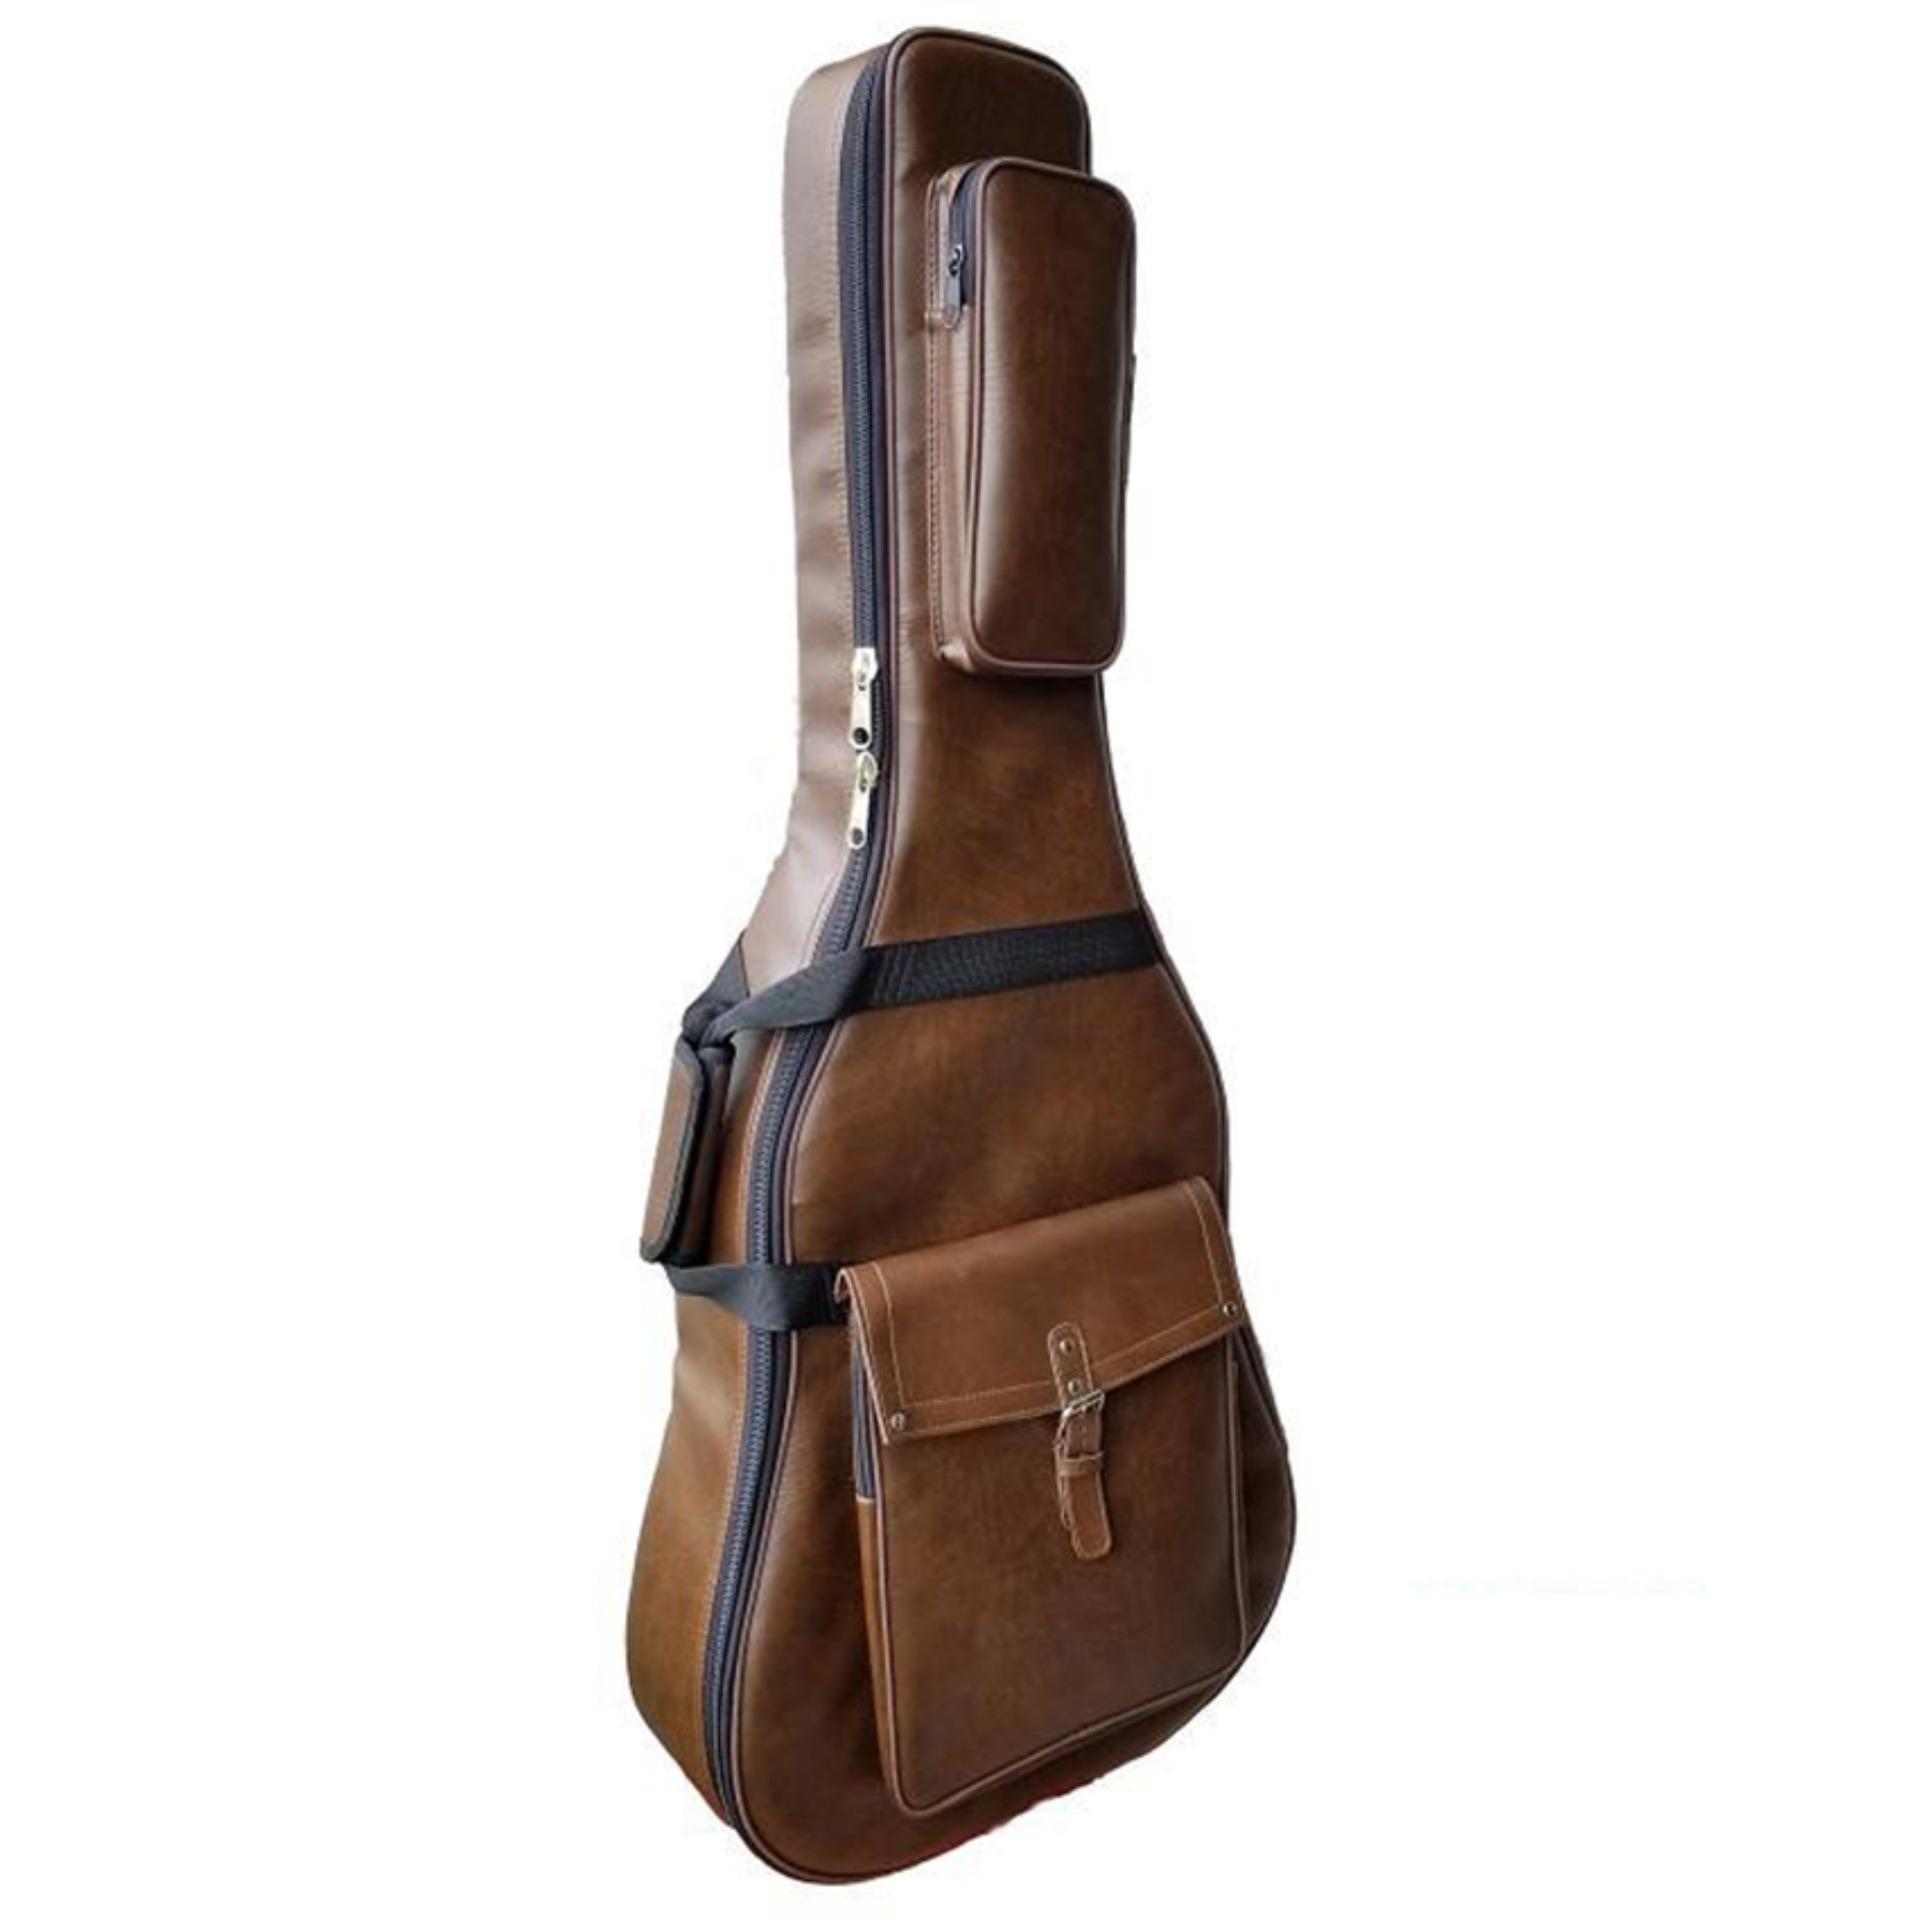 Bao hộp đàn guitar cao cấp 5 lớp 2 túi - Bao hộp mềm đàn Guitar - Bao đàn guitar cao cấp - softcase guitar đen - Shop Duy Guitar - Chuyên phụ kiện guitar giá tốt dành cho người mới tập